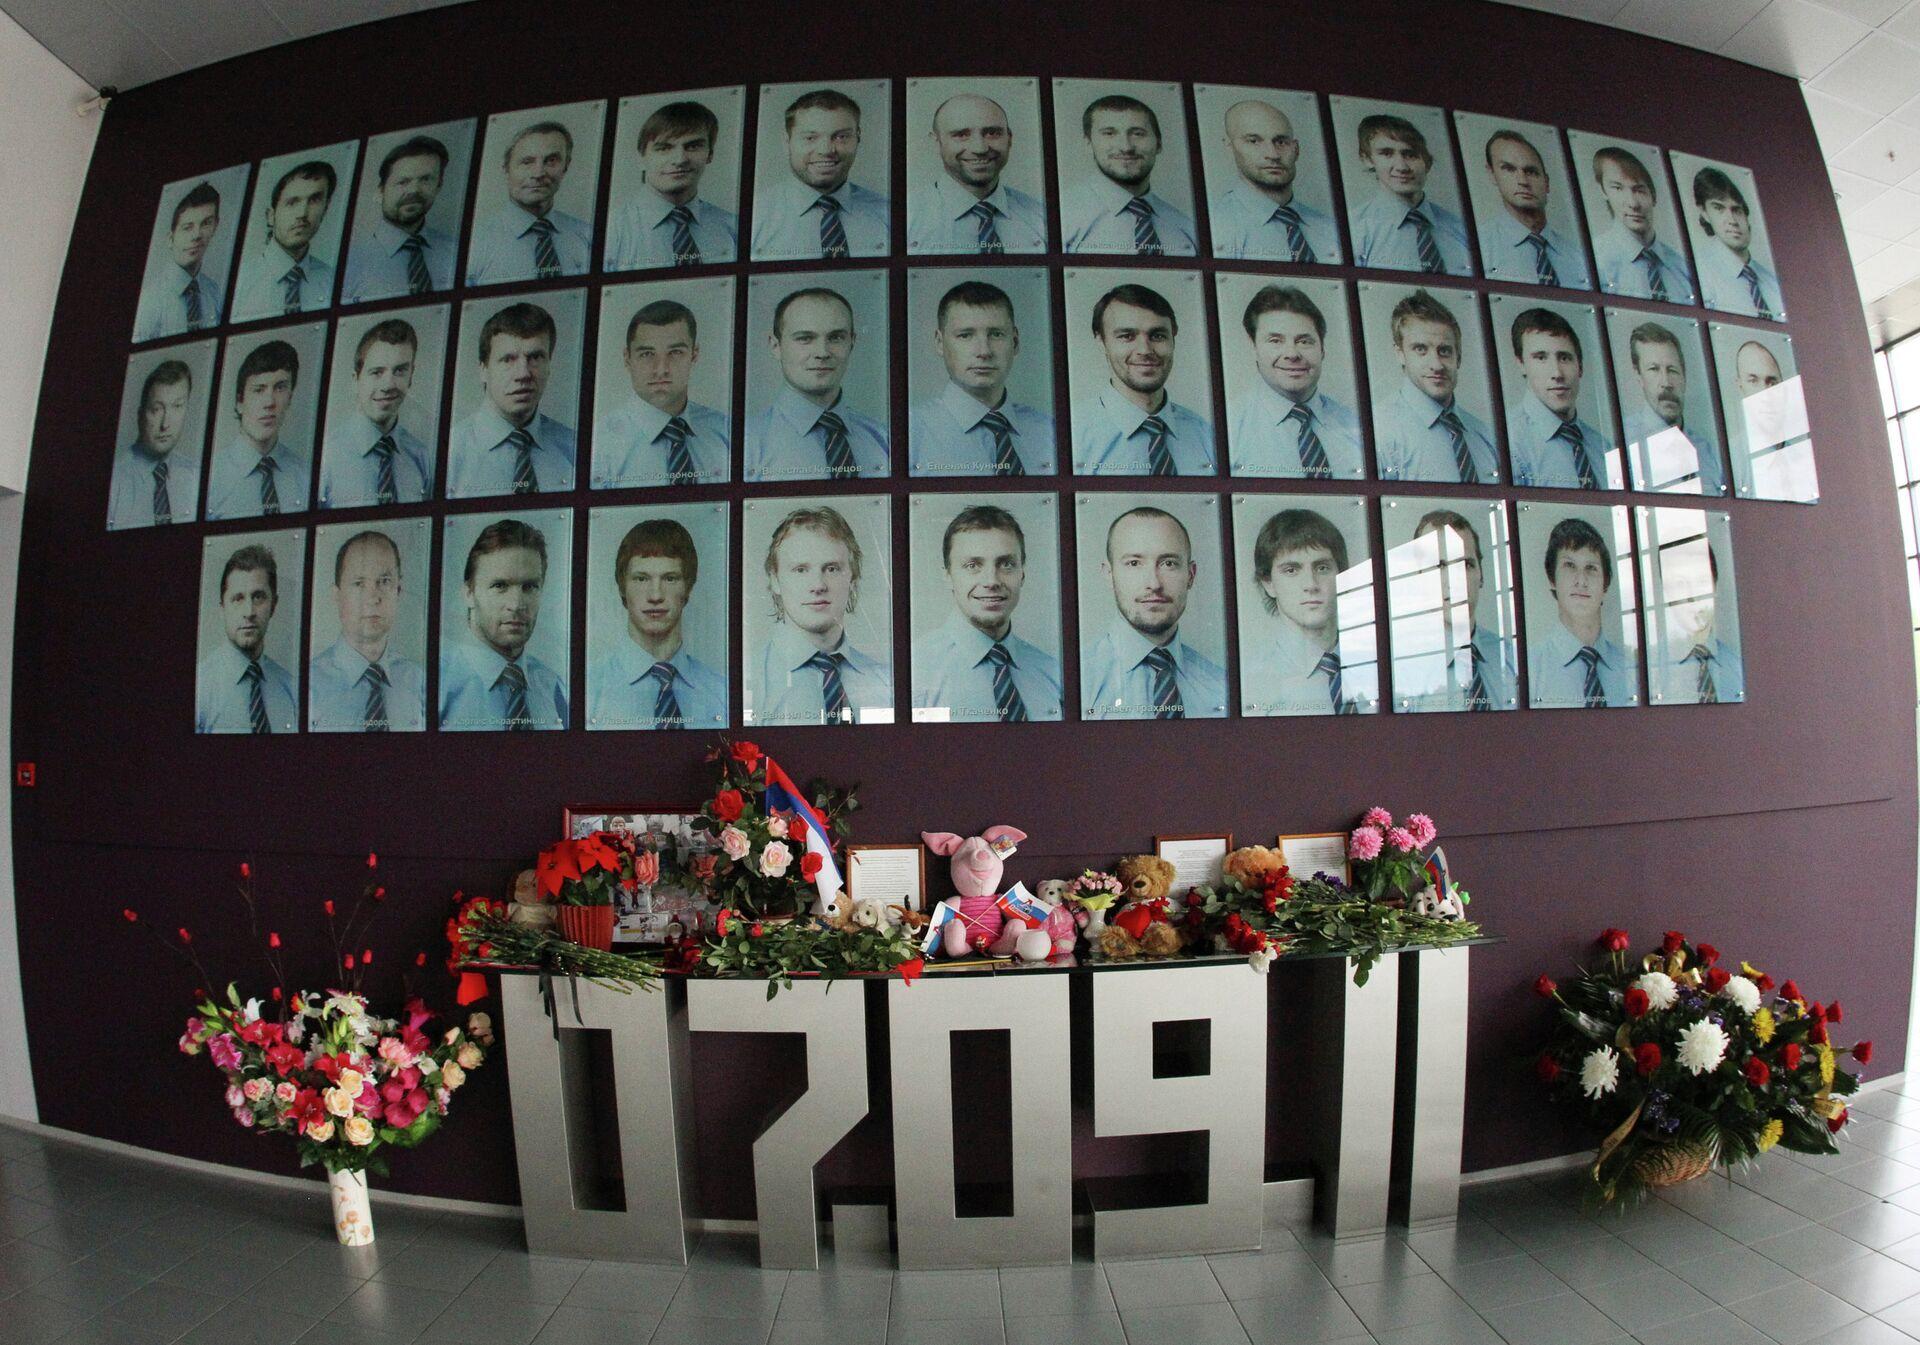 Мемориальная стена в память о членах хоккейного клуба Локомотив - Sputnik Беларусь, 1920, 06.09.2021